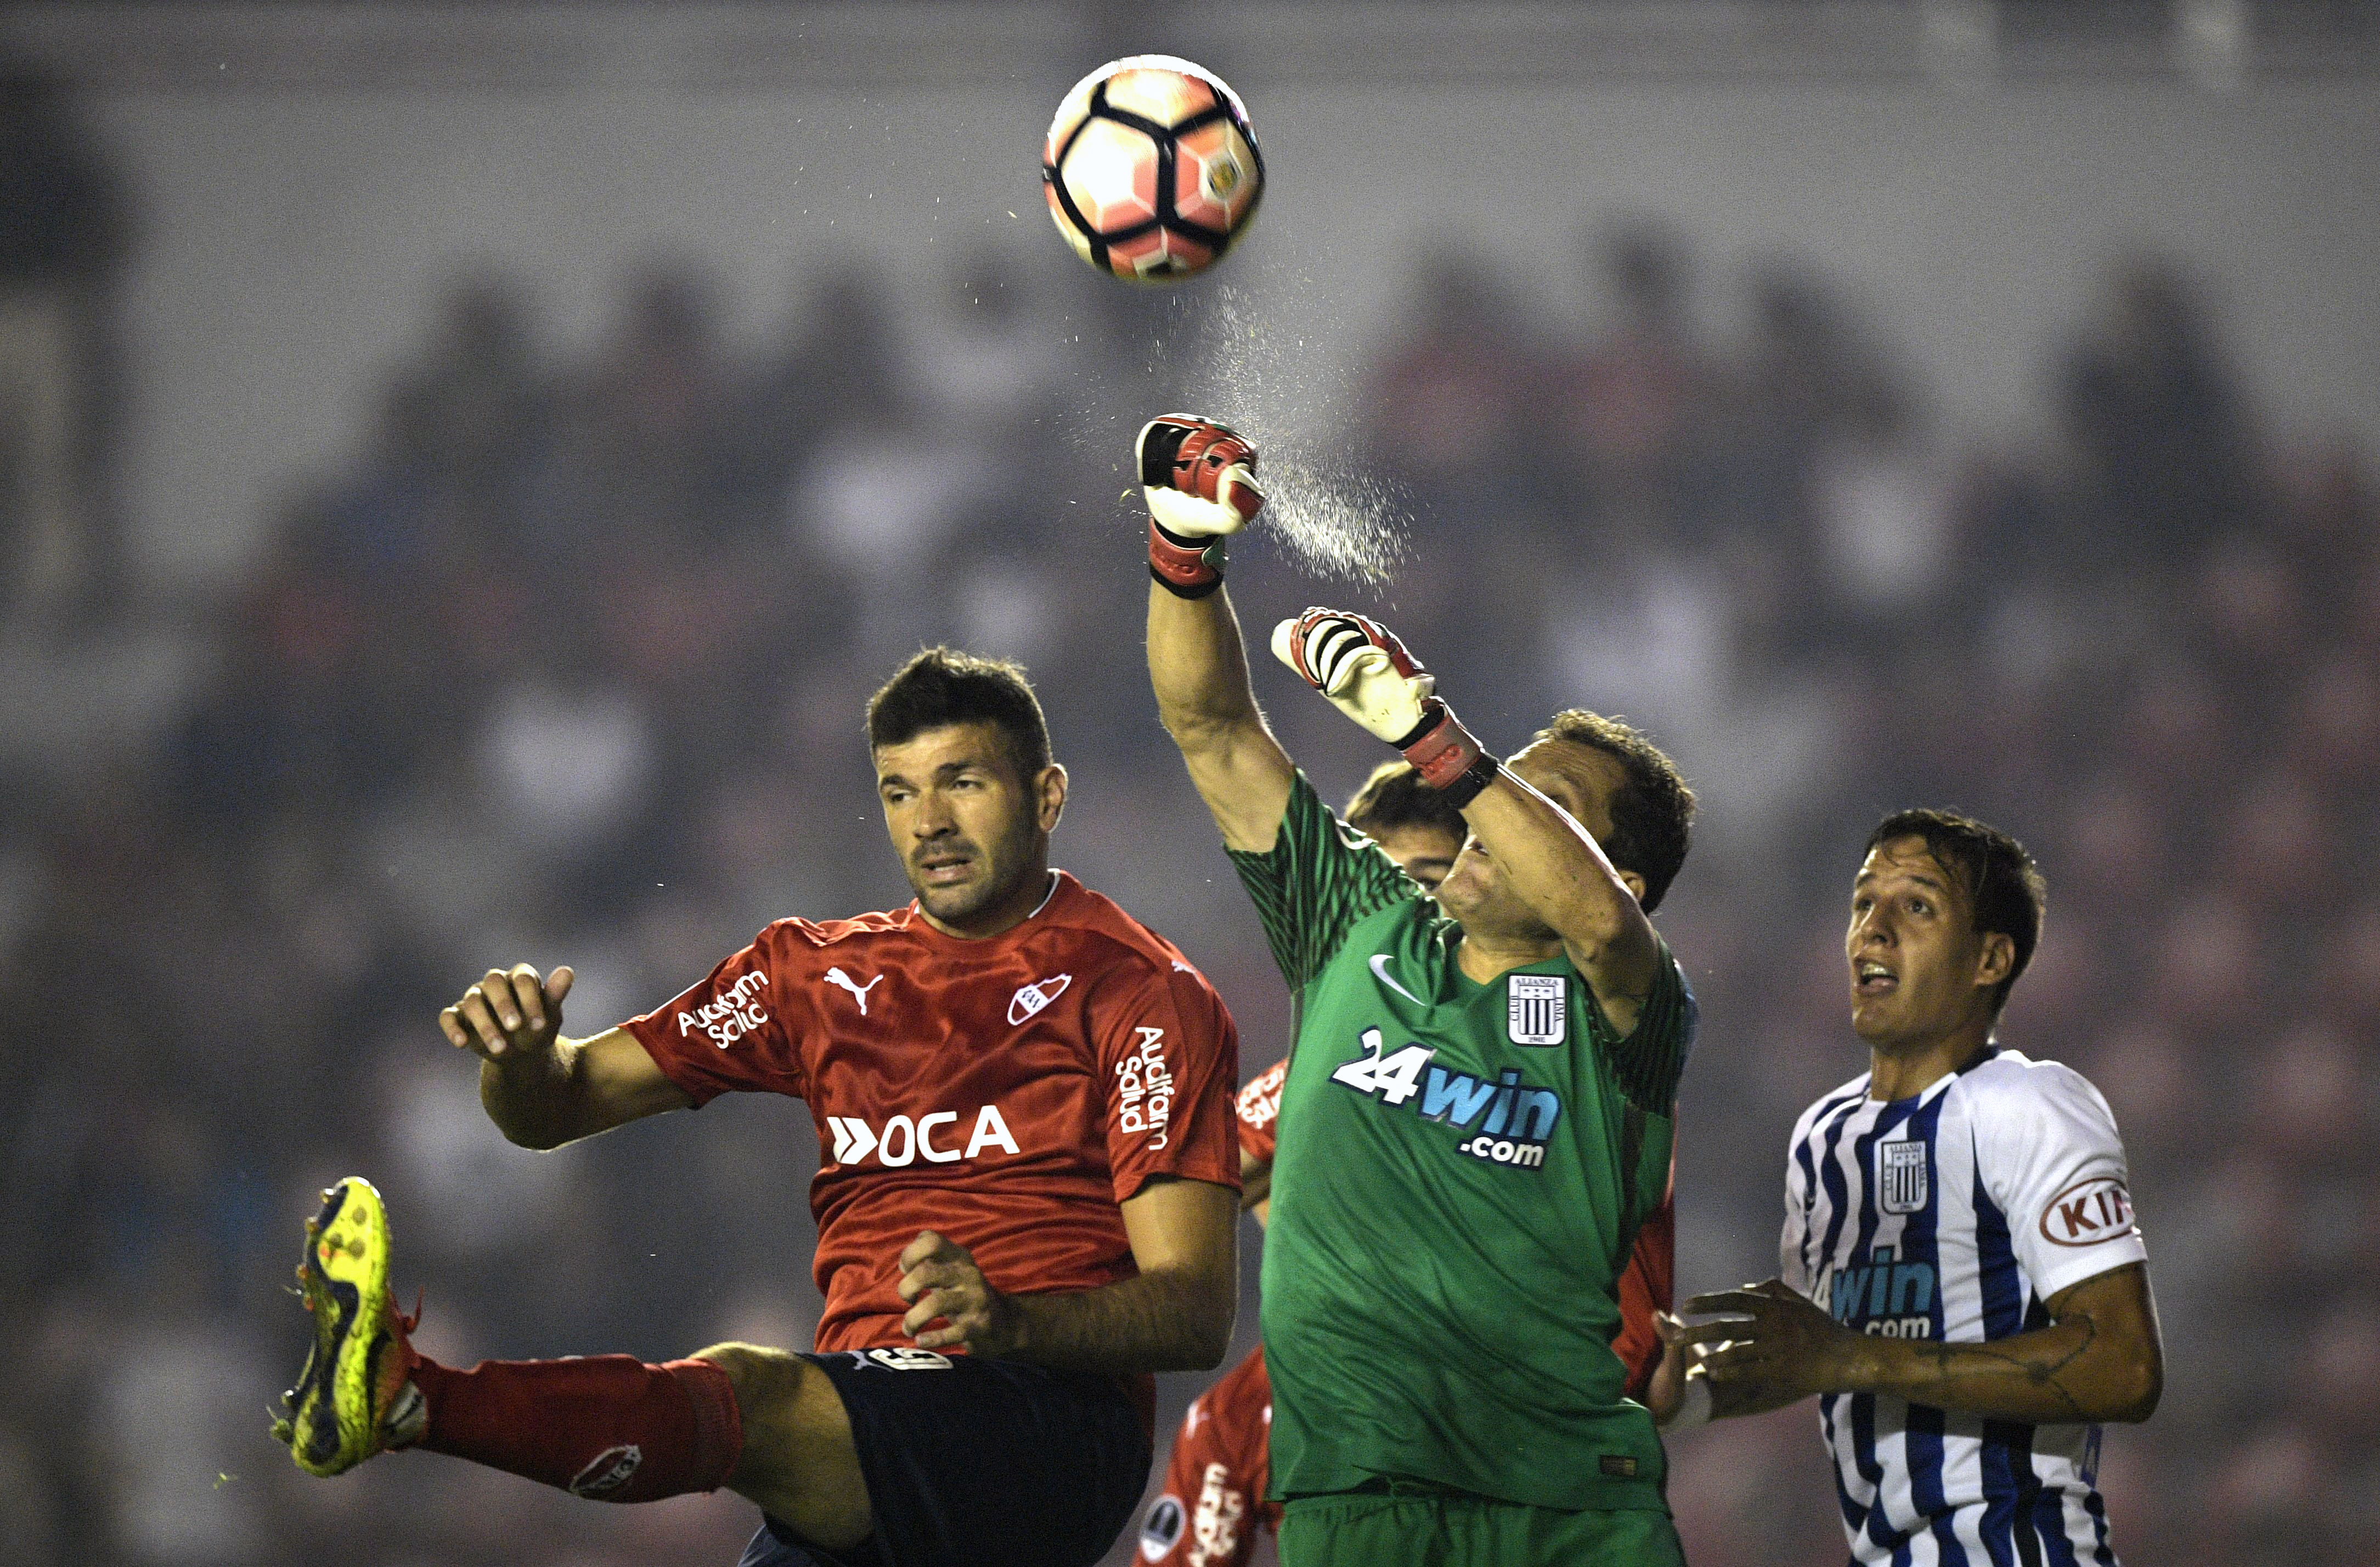 Leao Butrón juega su segunda etapa en Alianza Lima. La primera fue entre el 2004-2005.